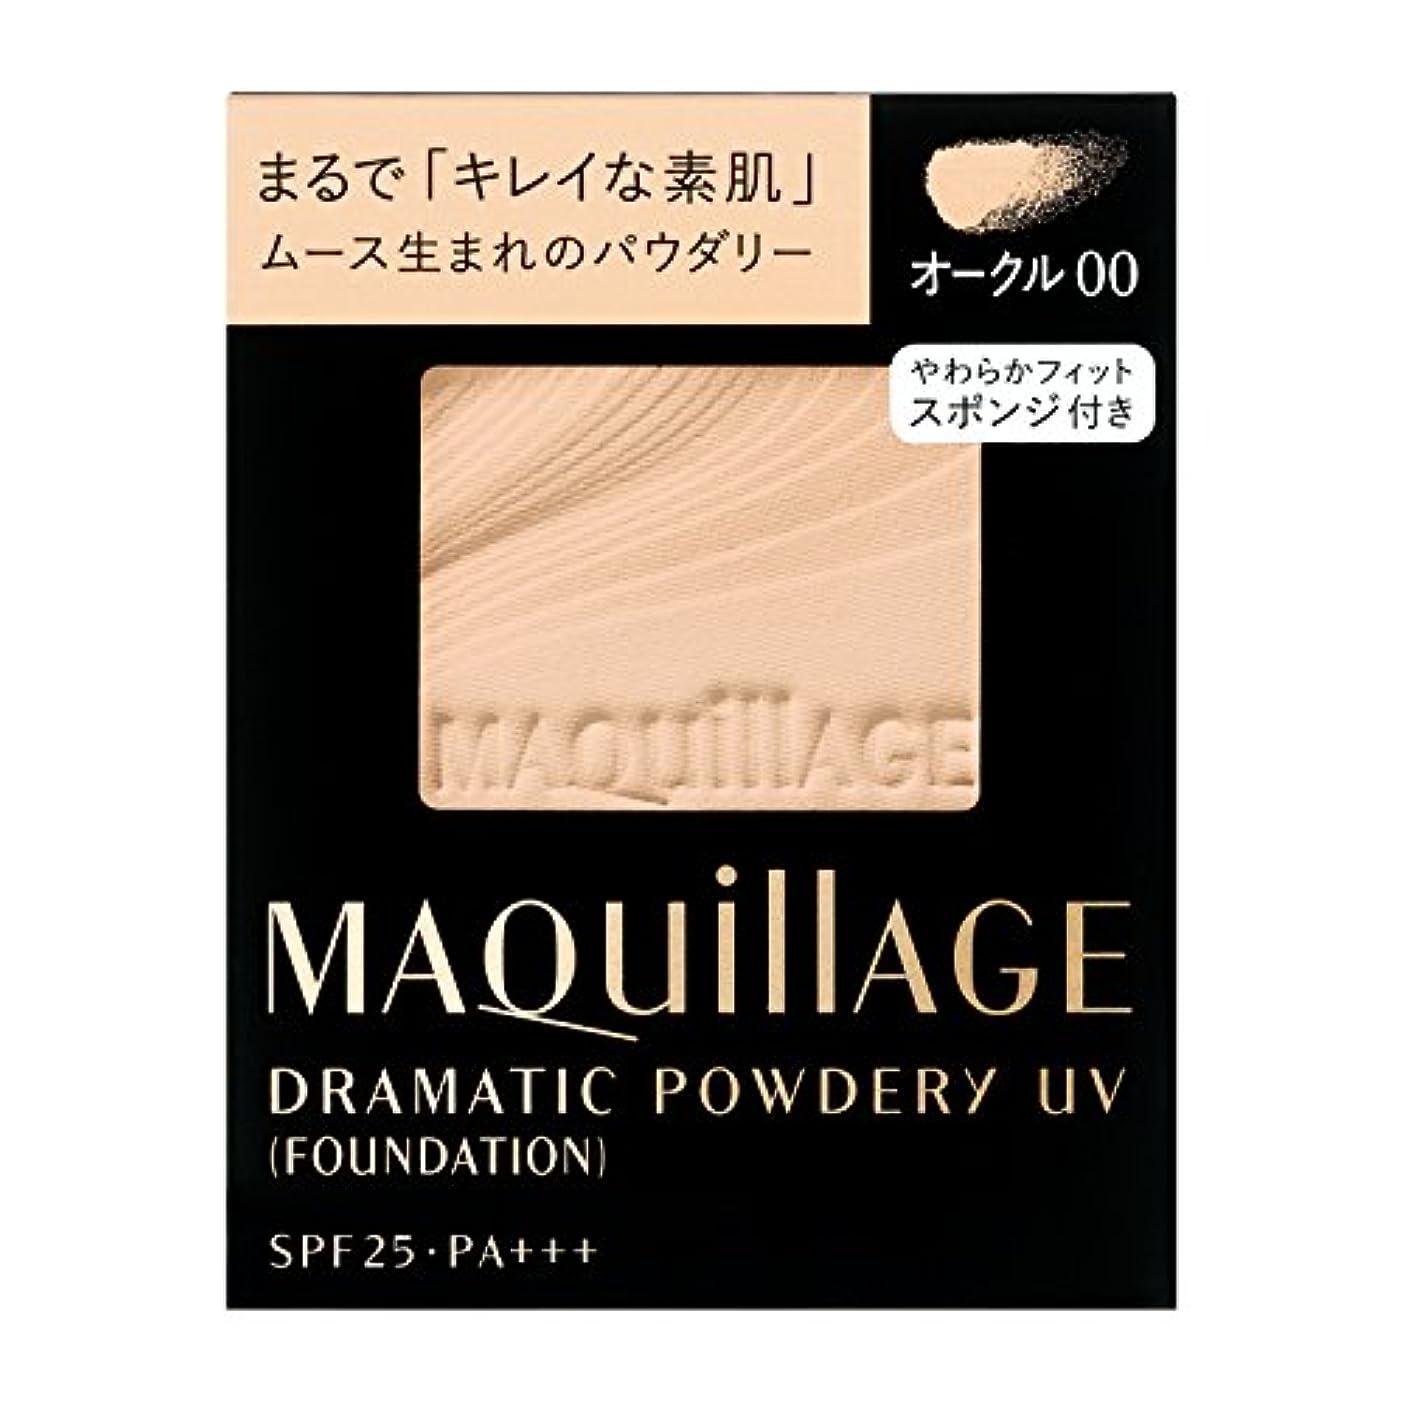 生理悪用まで[2個セット]マキアージュ ドラマティックパウダリー UV オークル00 (レフィル) 9.3g×2個